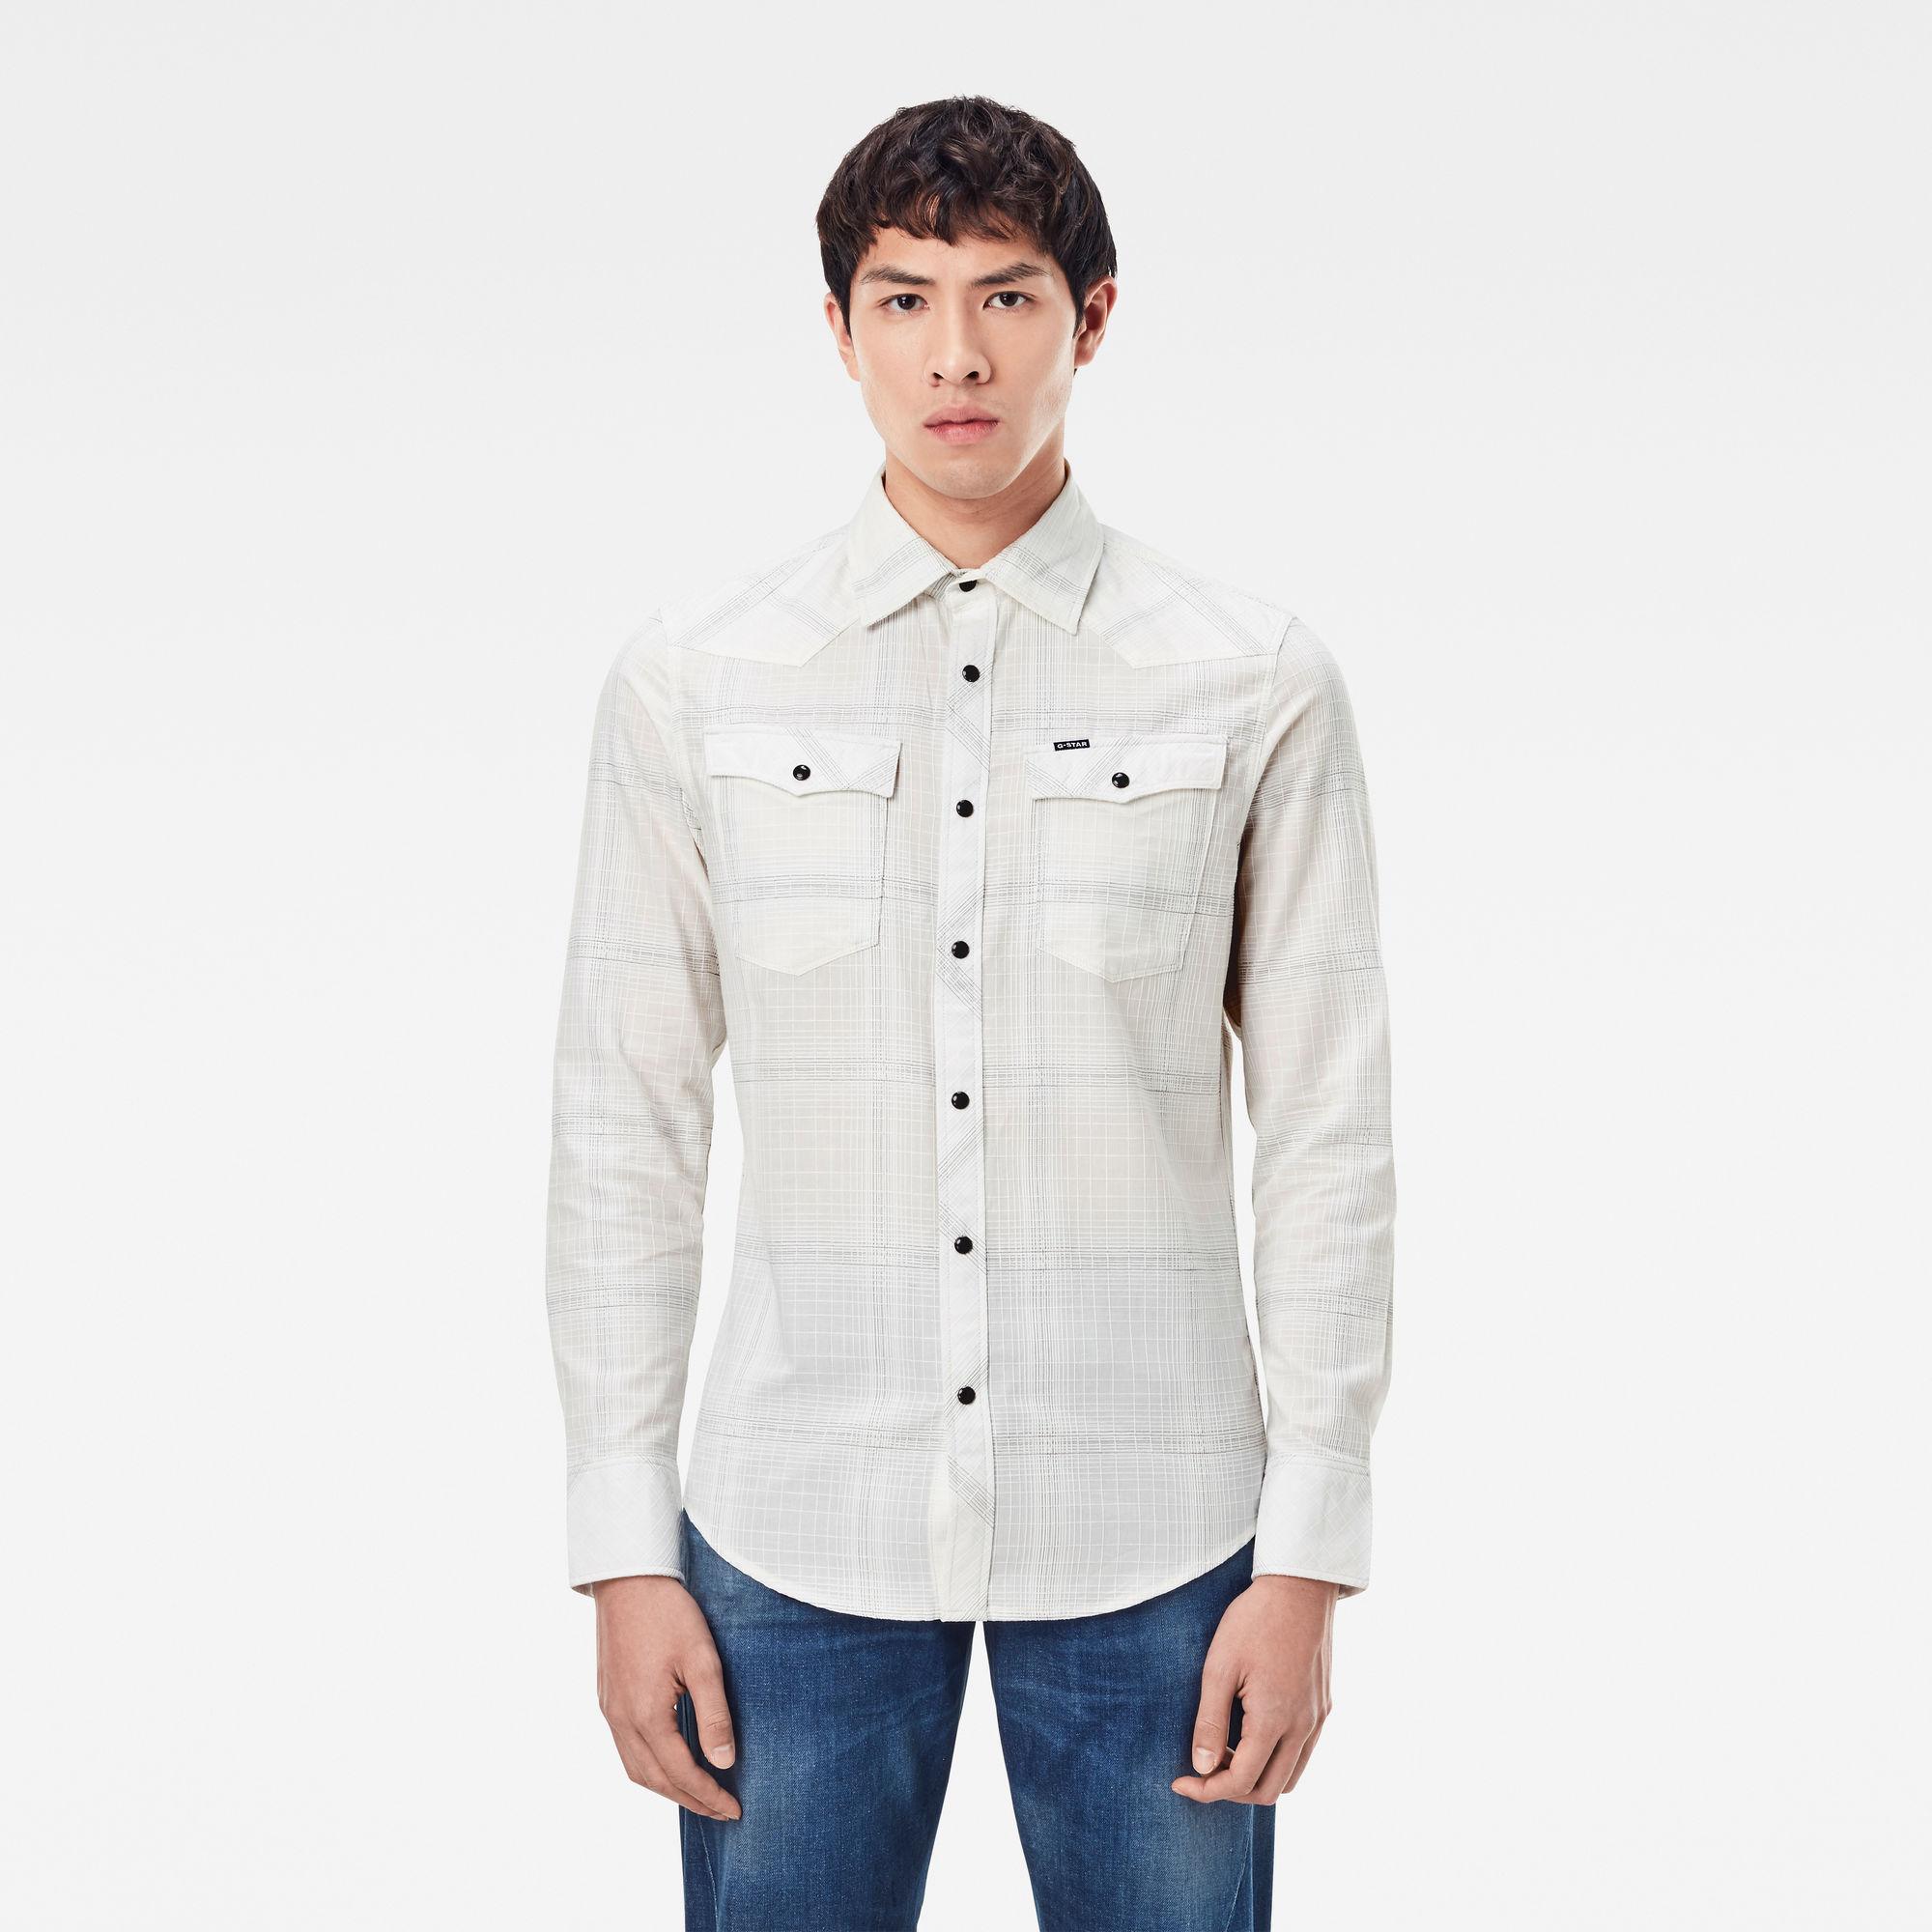 G-Star RAW Heren 3301 Slim Shirt Wit